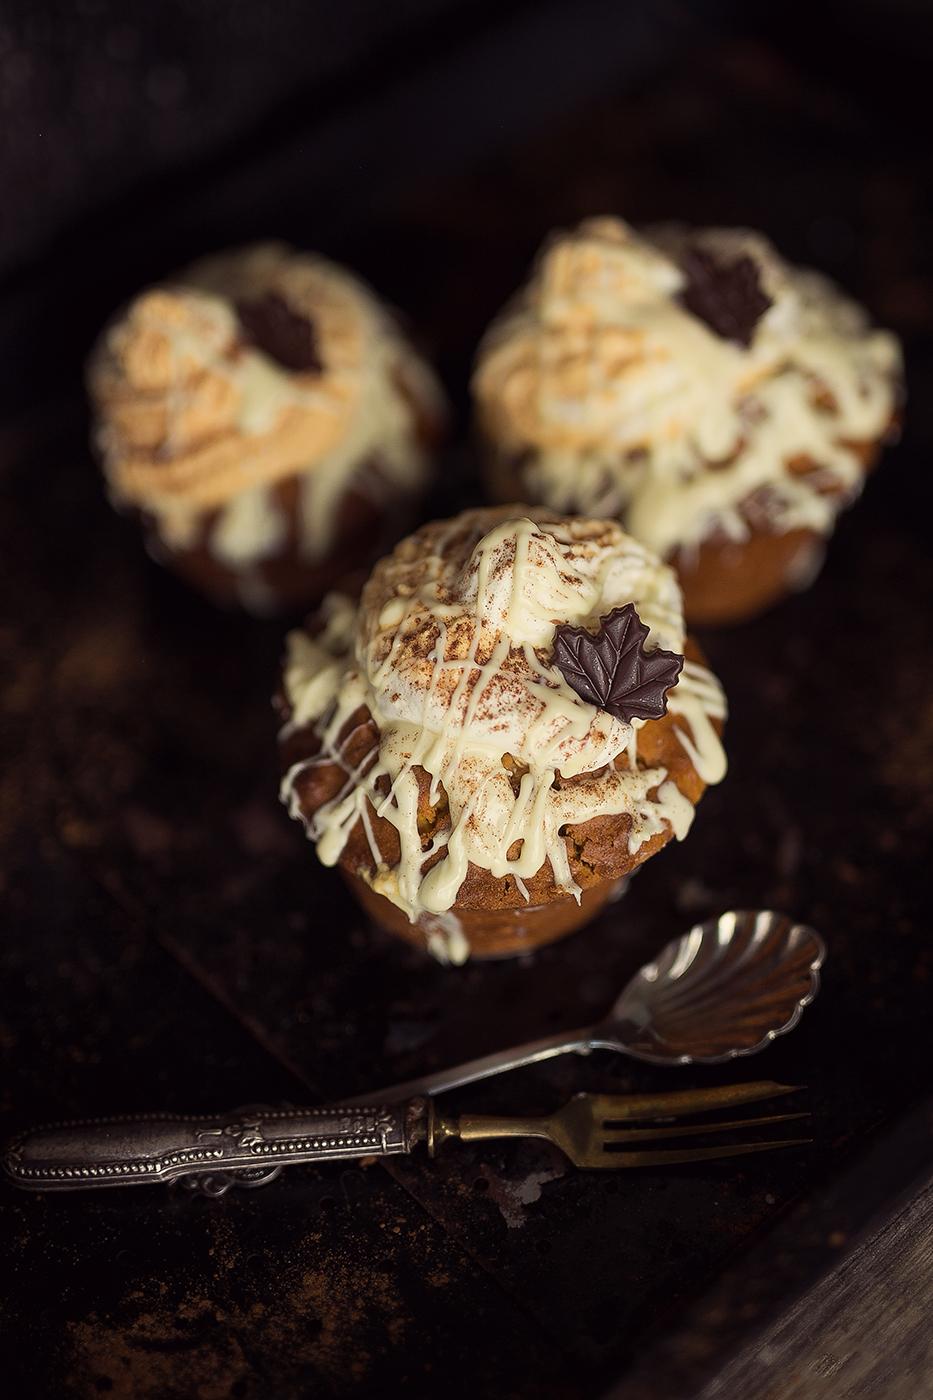 Köstlicher Kürbis Muffin mit weißer Schokolade